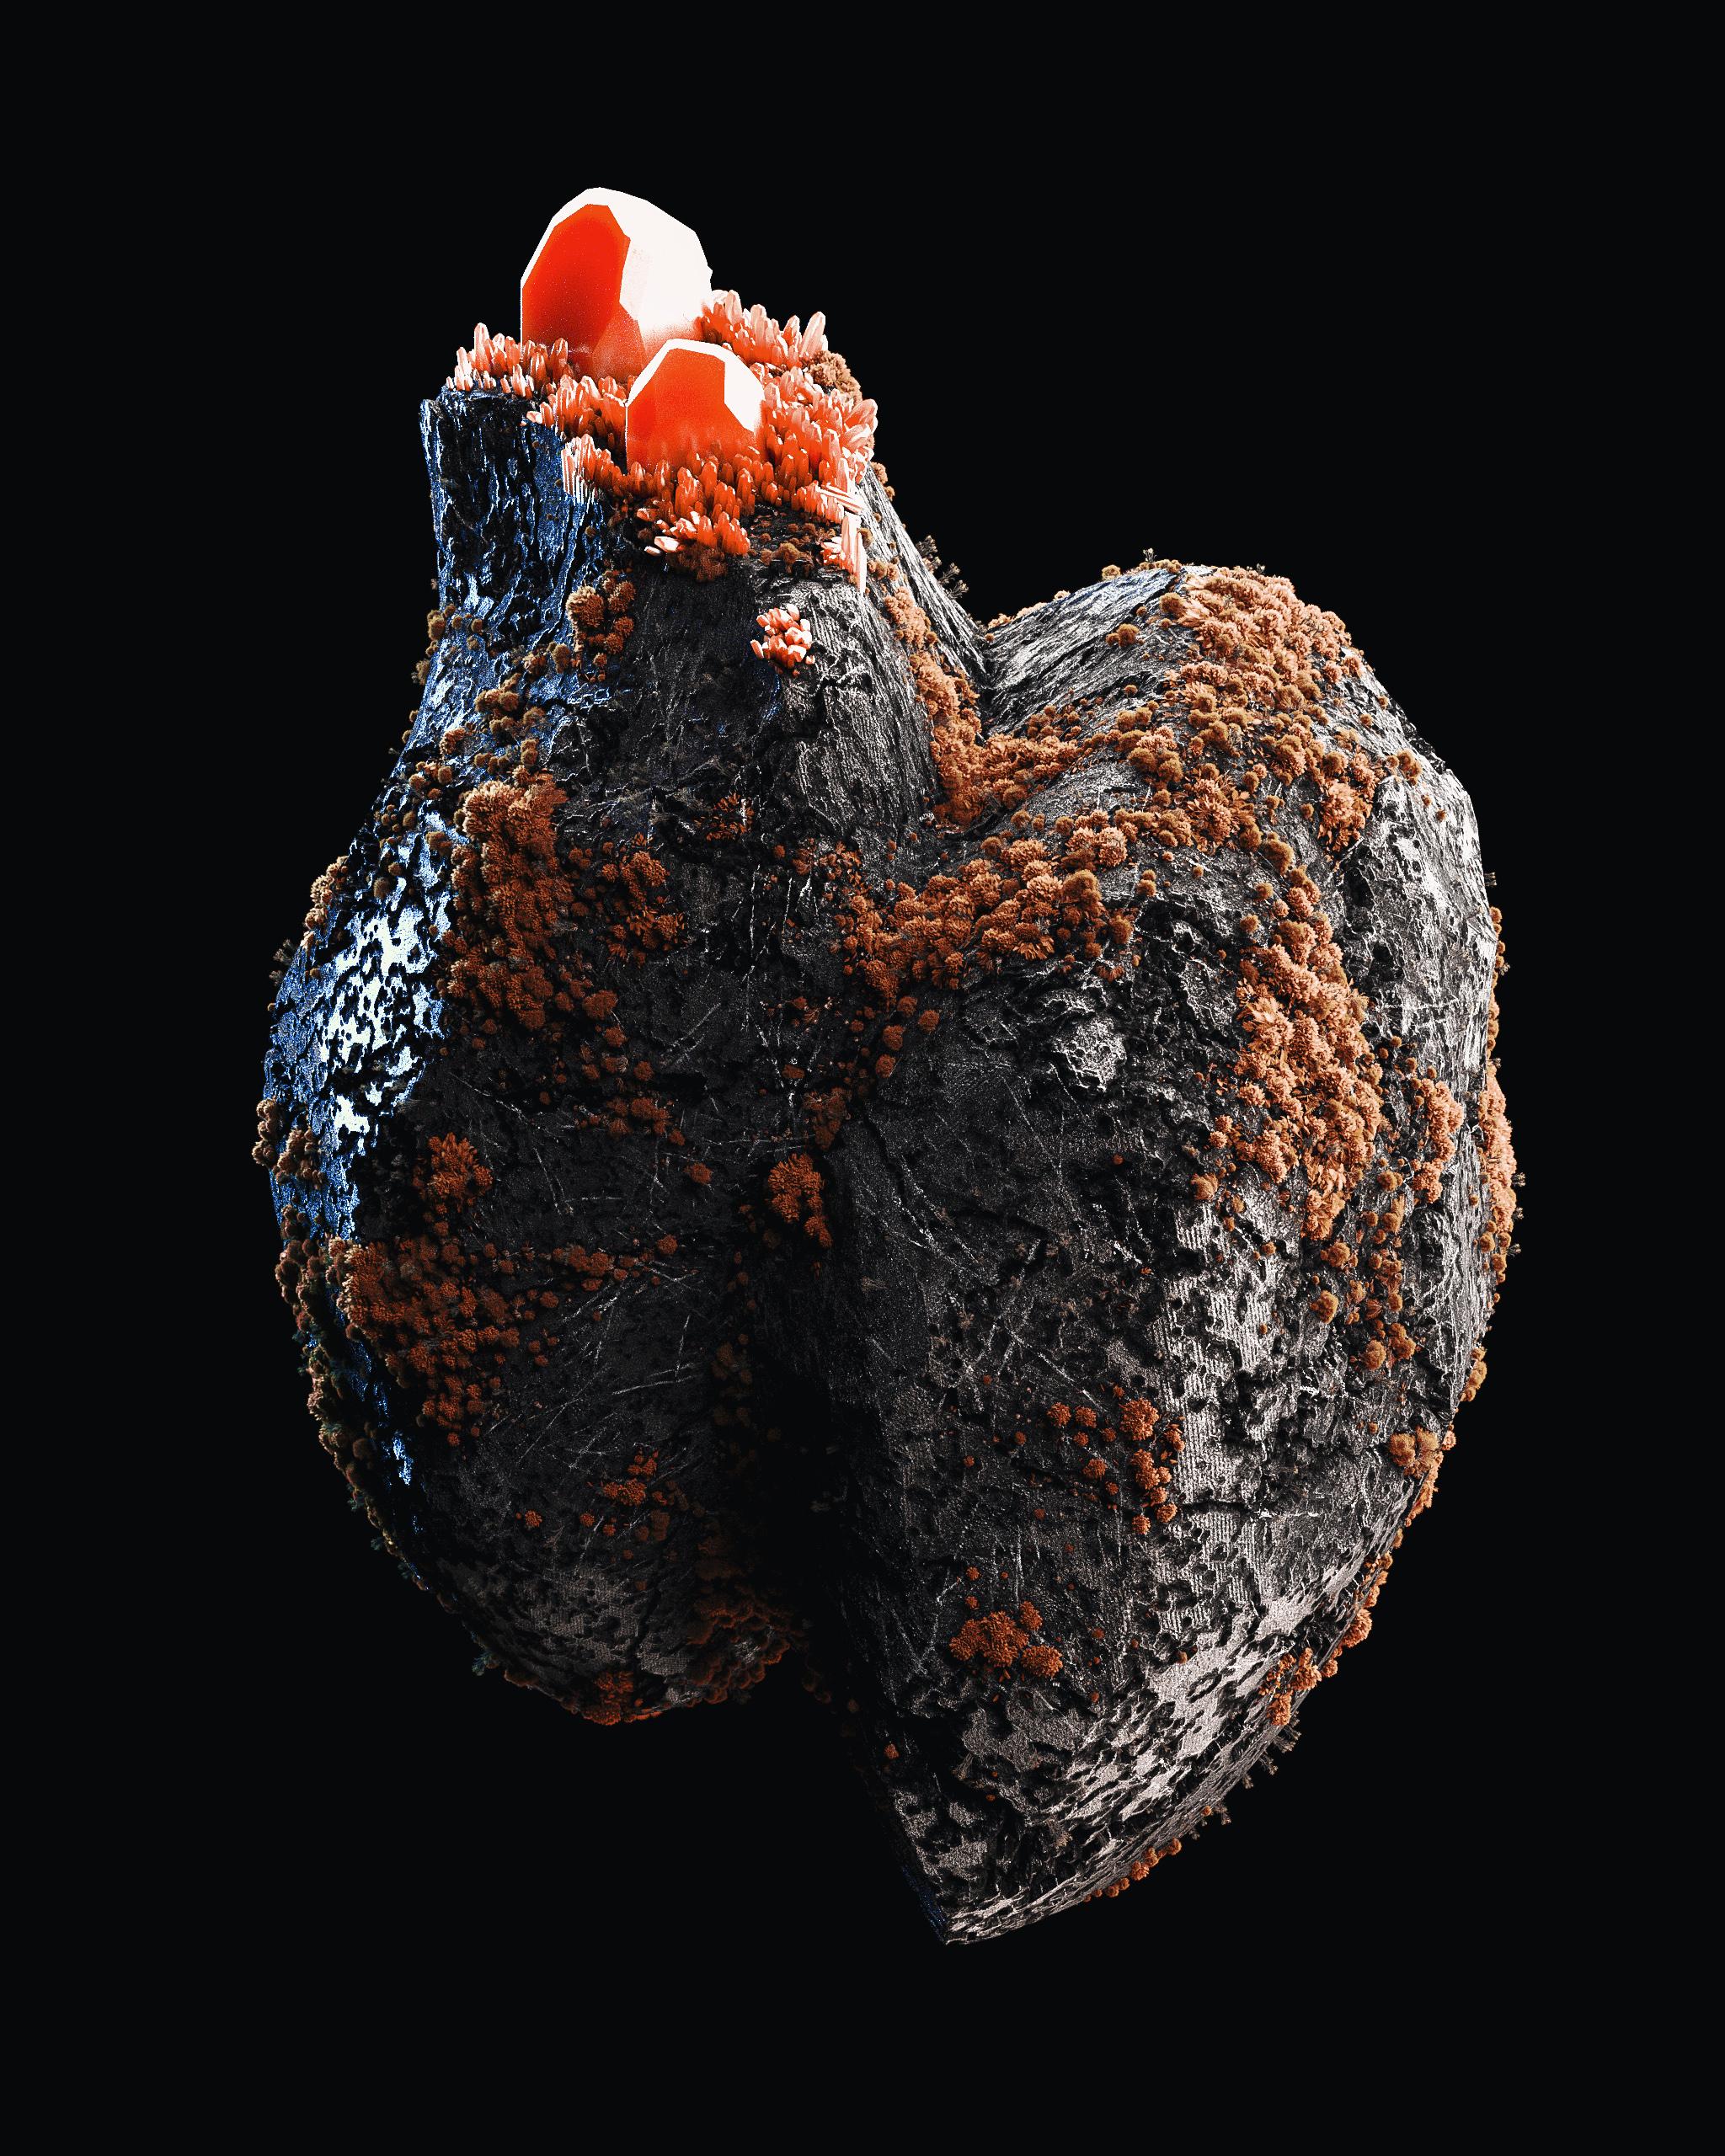 [18-01-18] - Lung.jpg